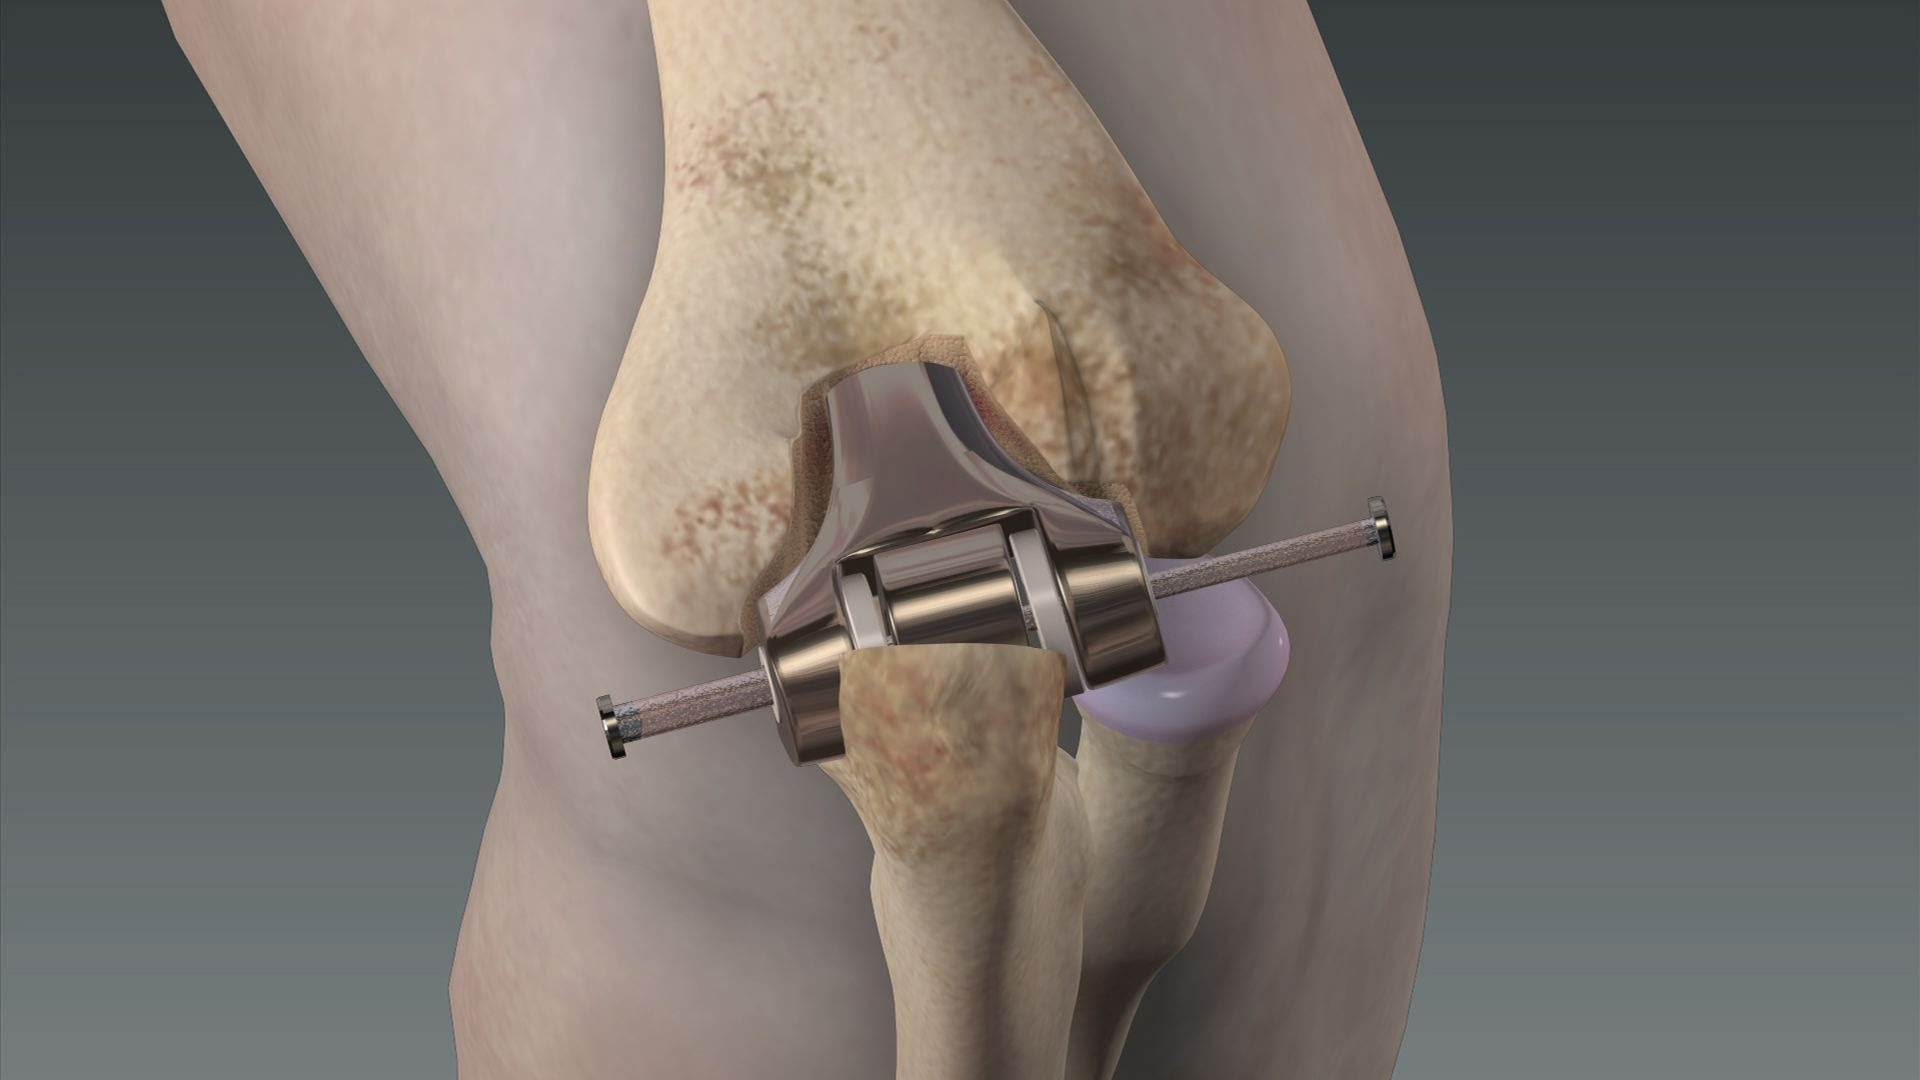 Гонартроз 3 степени лечение без операции